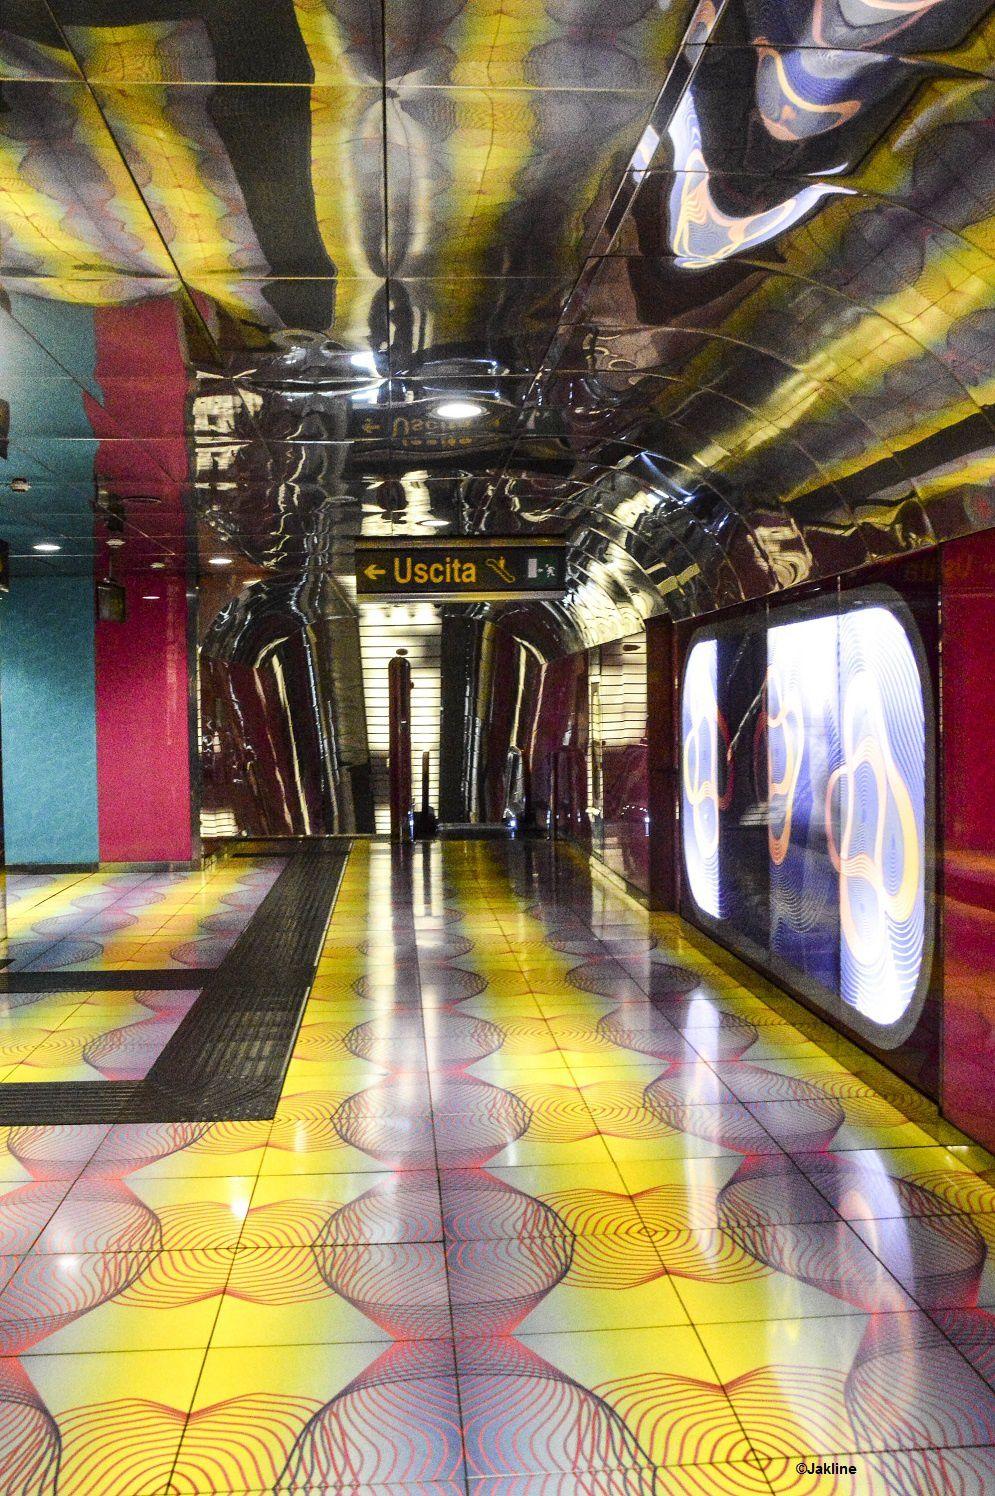 Naples et son métro coloré